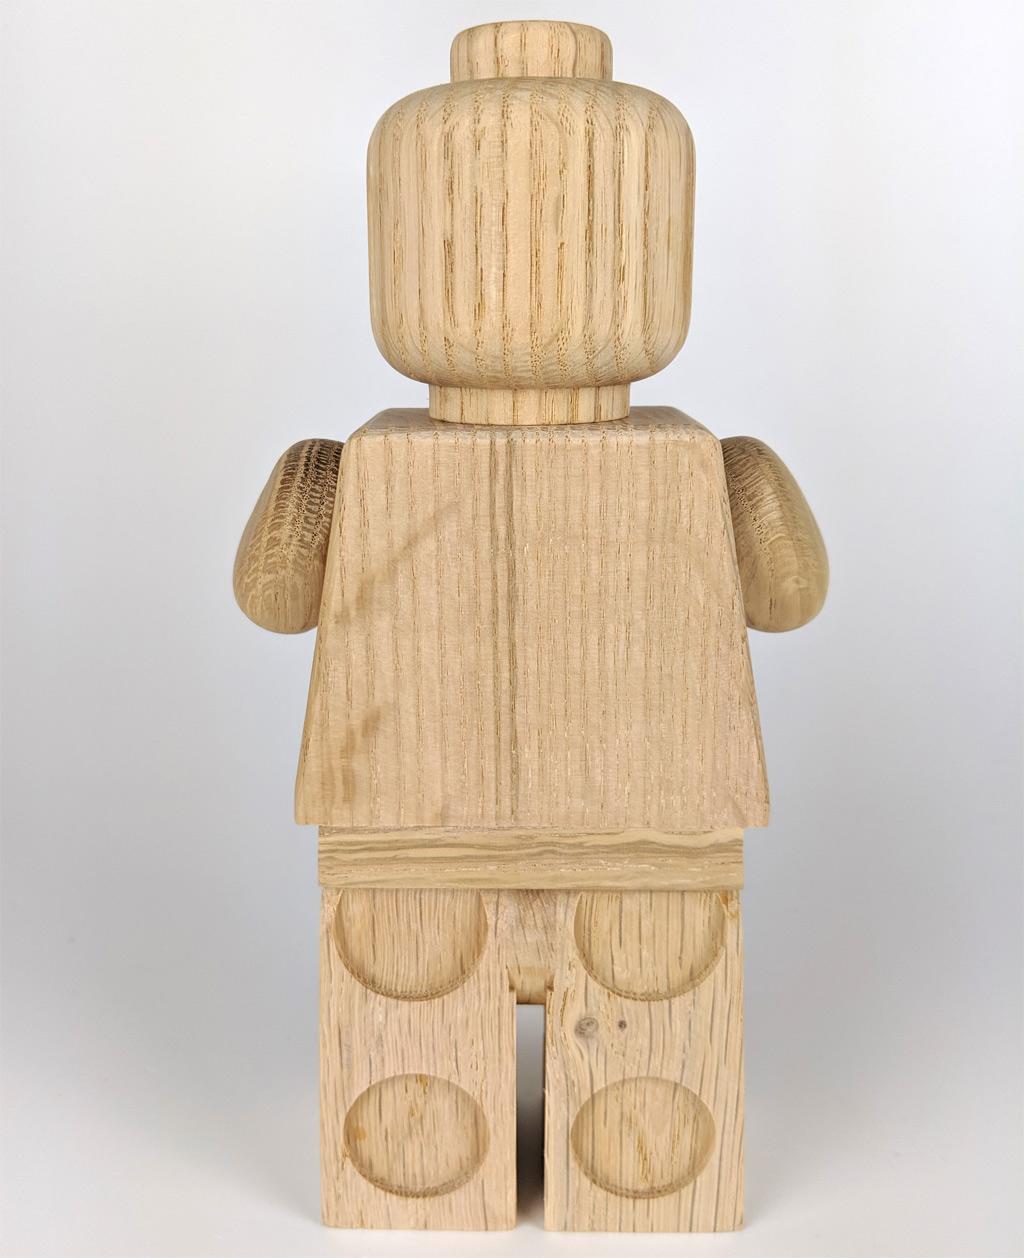 lego-originals-853967-holz-minifigur-rueckseite-2019-zusammengebaut-andres-lehmann zusammengebaut.com